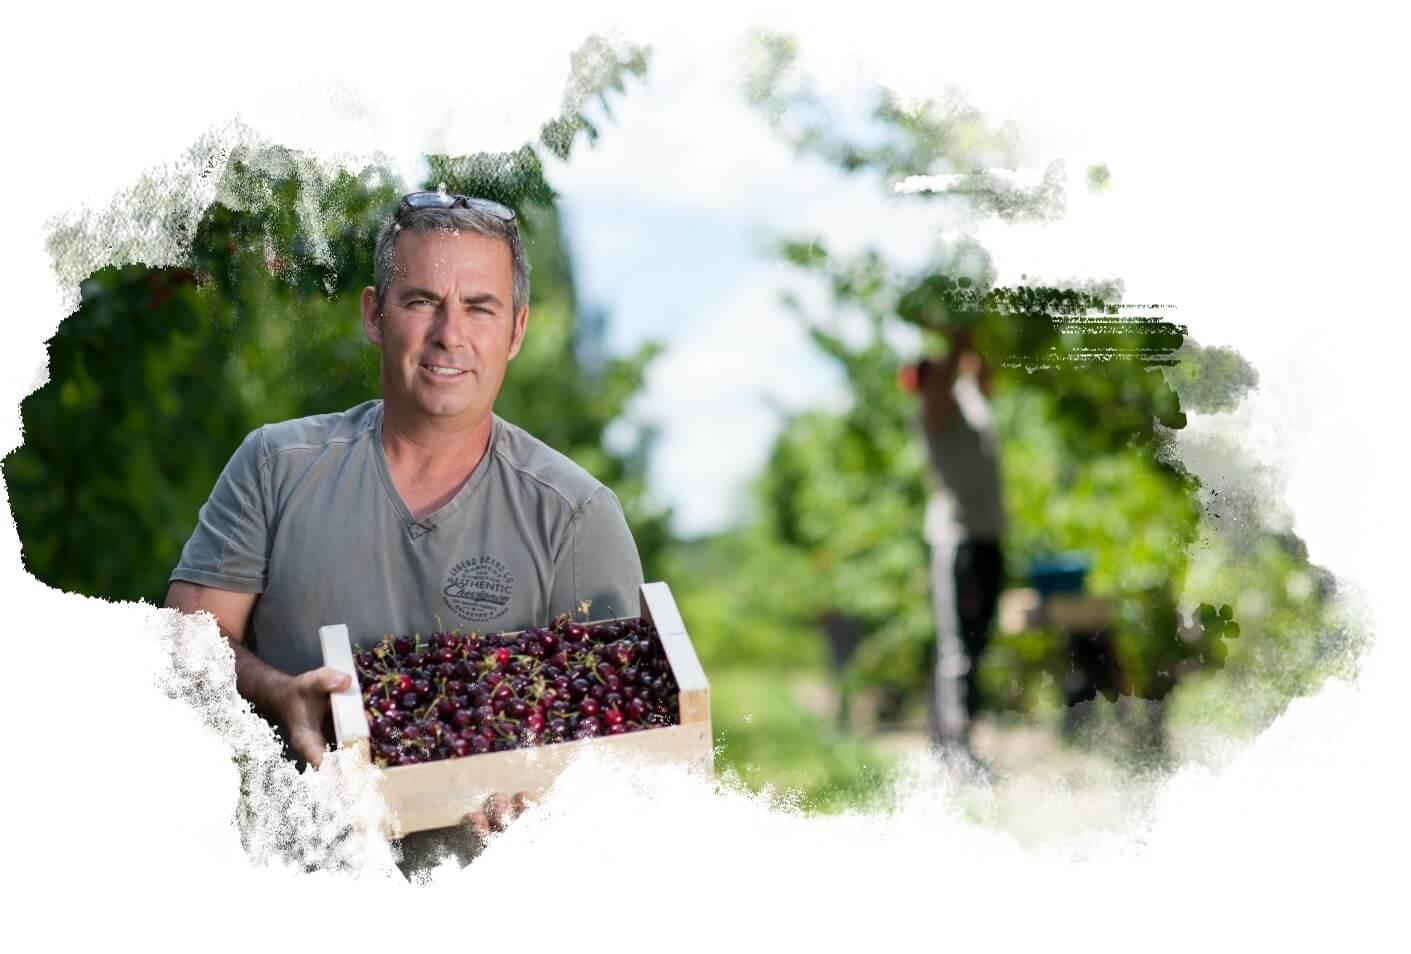 Producteur de cerises locales et bio